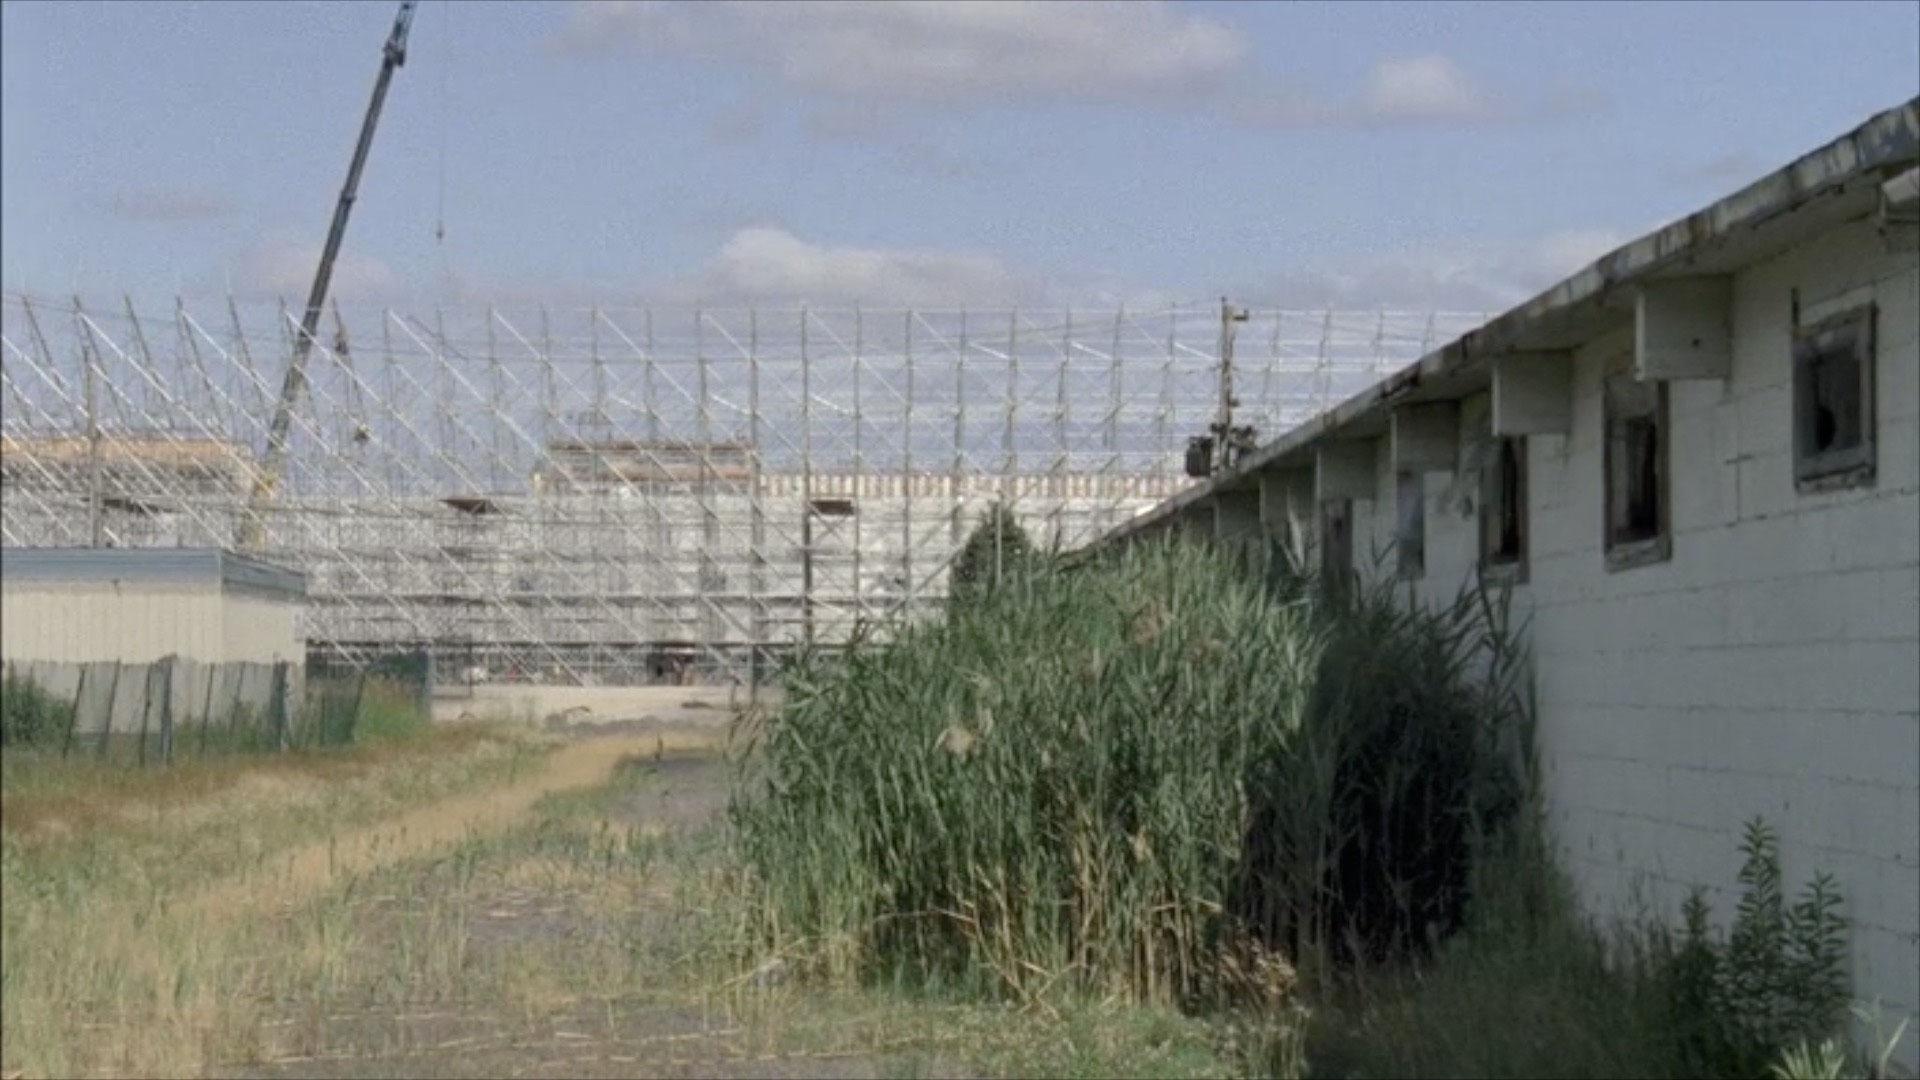 arrêt sur image de Racetrack Superstar Ghost, 2011, Myriam Yates, Film 16 mm transféré sur fichier numérique, projection en boucle, 7 min. 10 sec., son, 1/3.